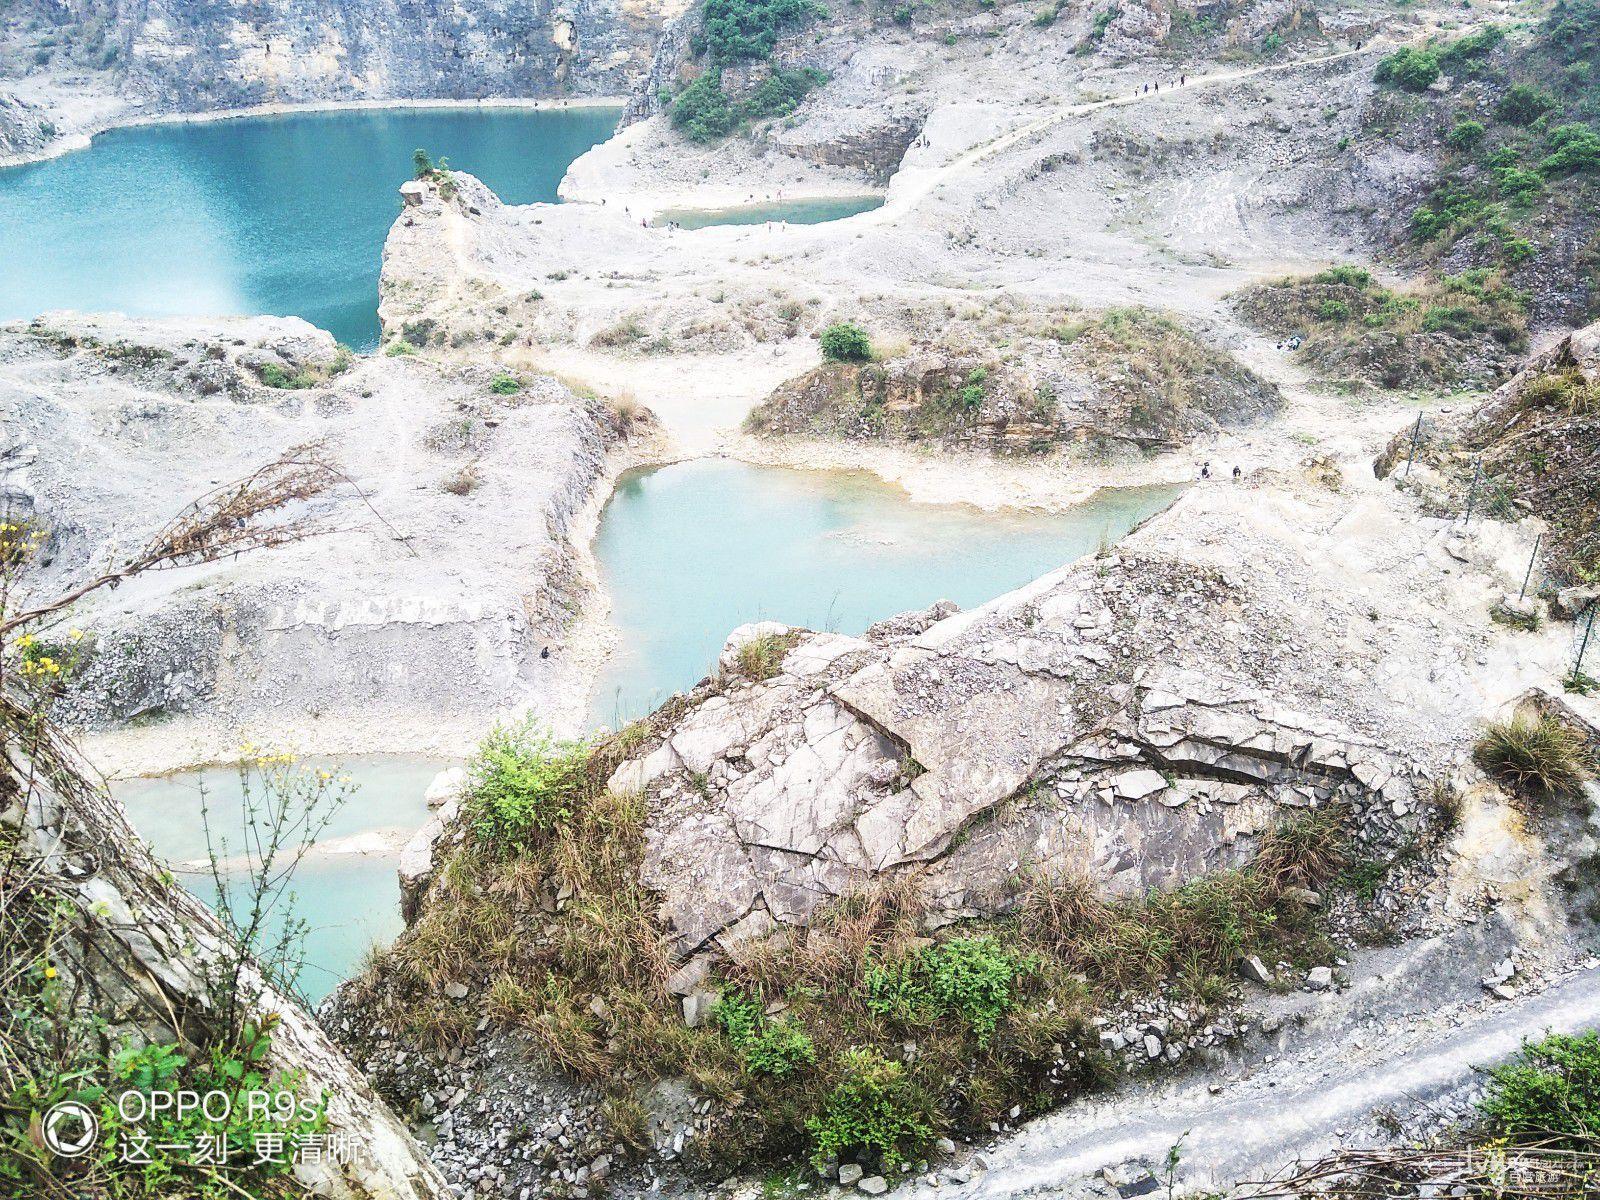 渝北矿山公园一日游